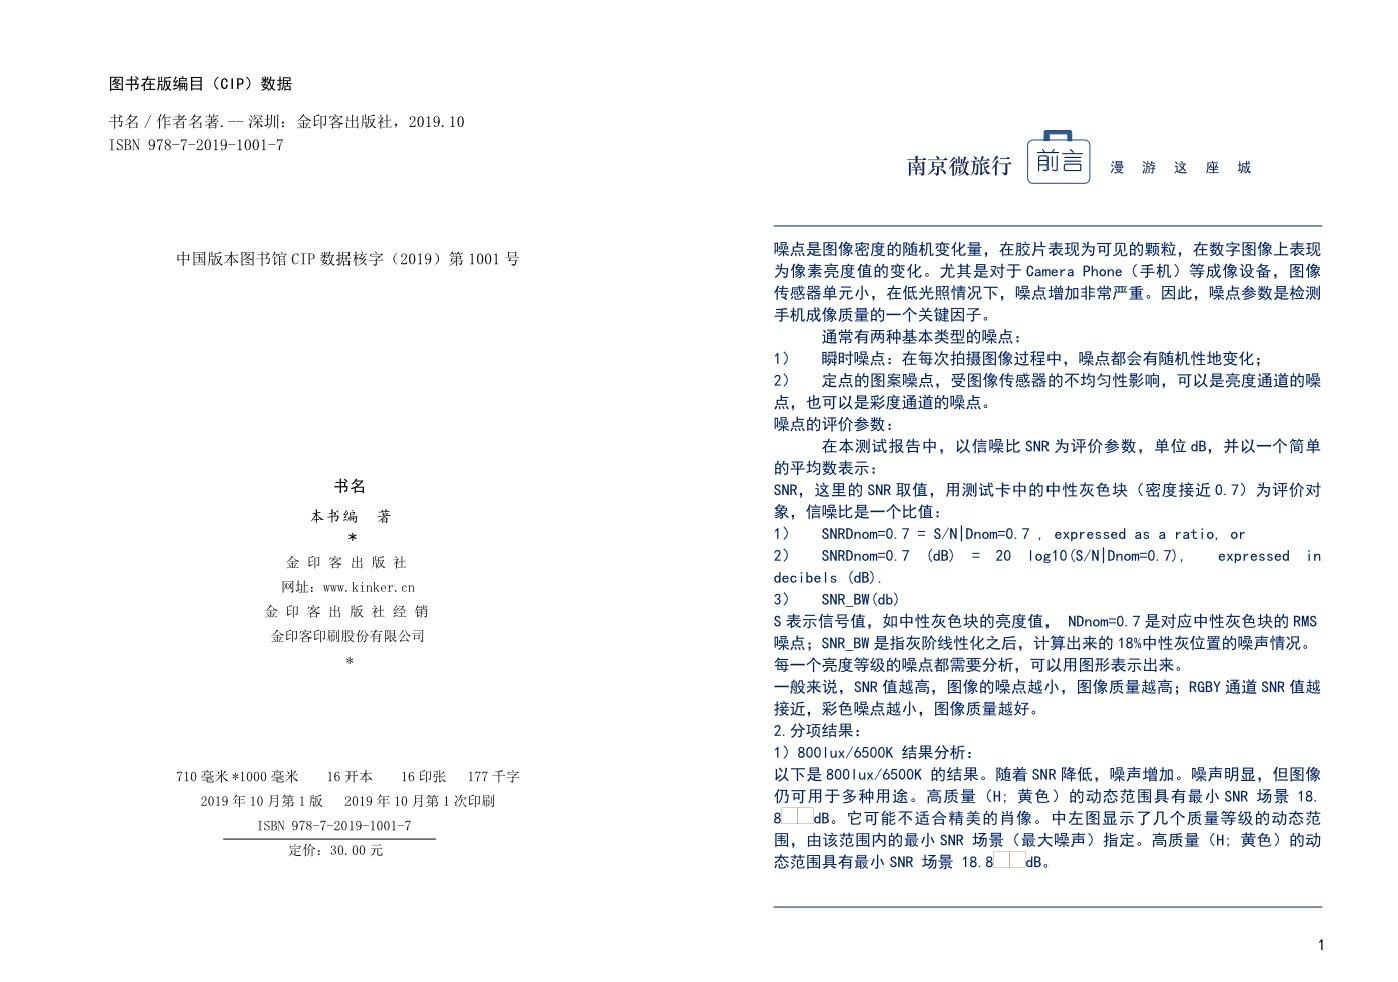 宝宝成长纪念册模板_微旅行-游记-模板-免费下载-金印客